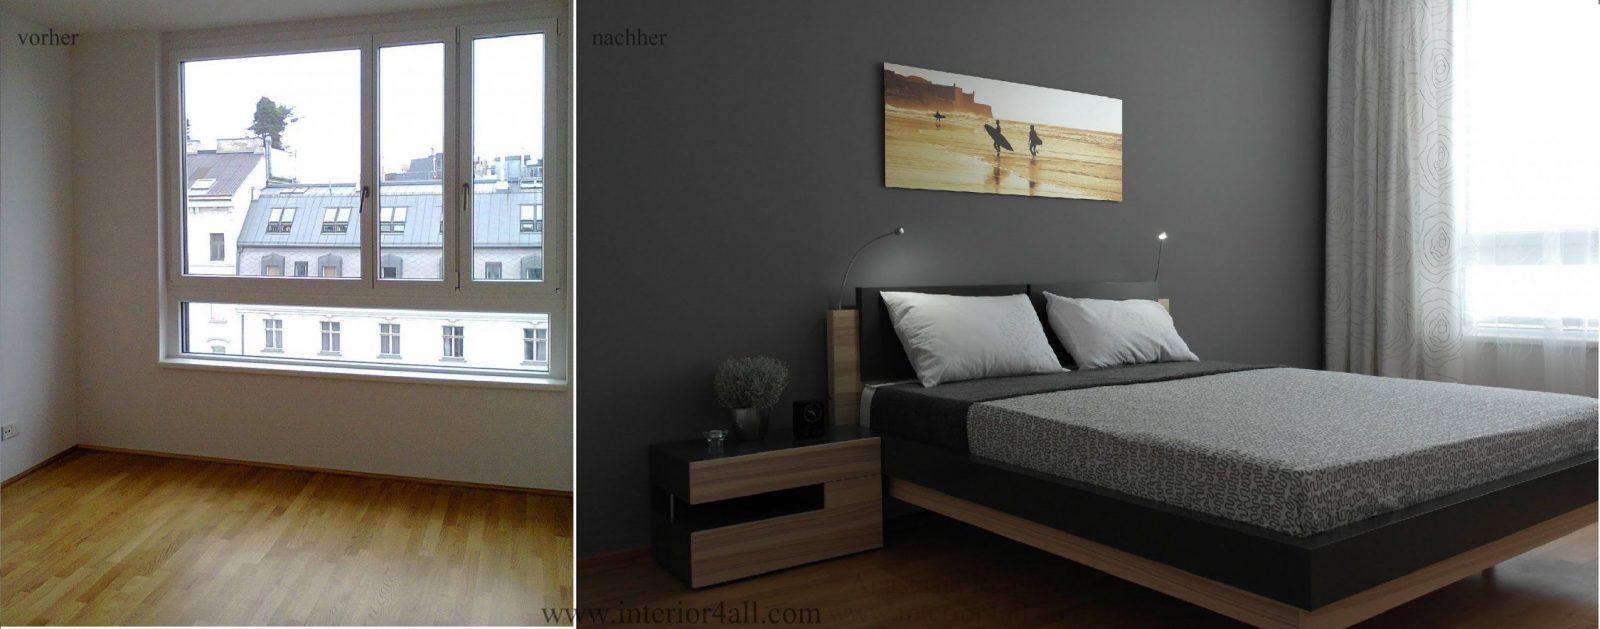 schlafzimmer f r kleine r ume haus design ideen. Black Bedroom Furniture Sets. Home Design Ideas